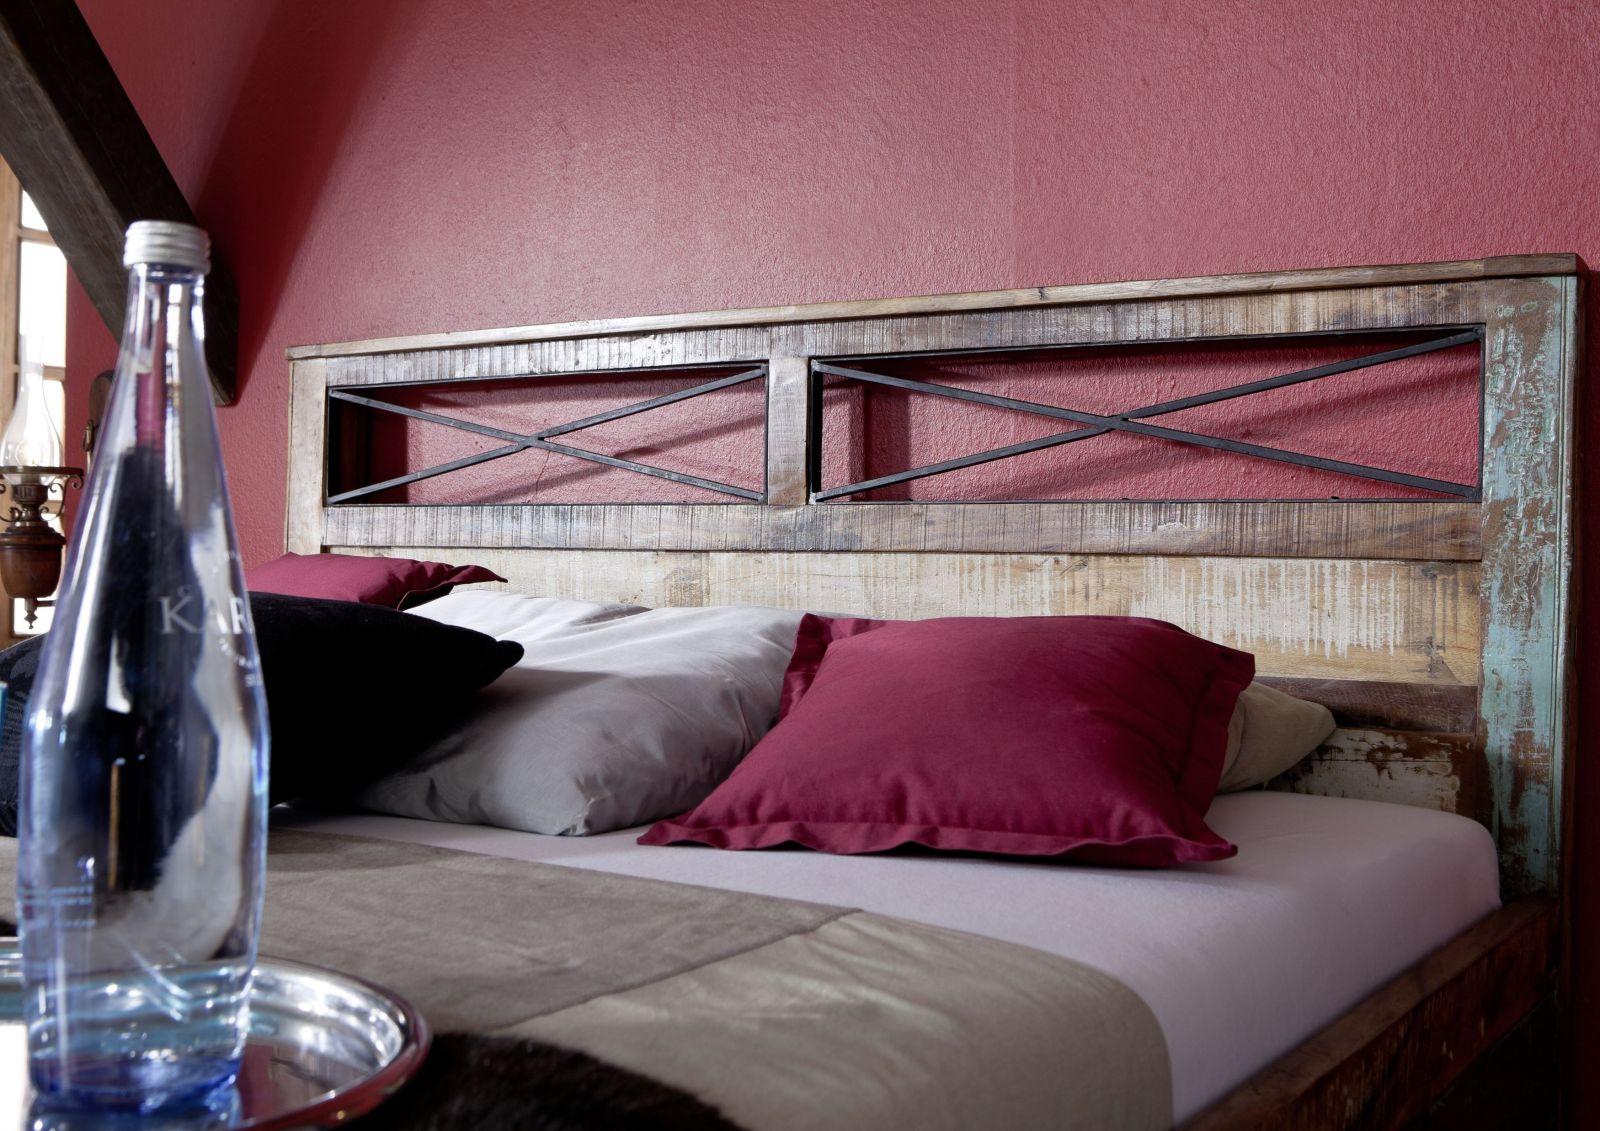 Full Size of Betten Kaufen Im Schlafstudio Helm In Wien Teenager Runde Mit Wohnzimmer Schlafstudio Helm